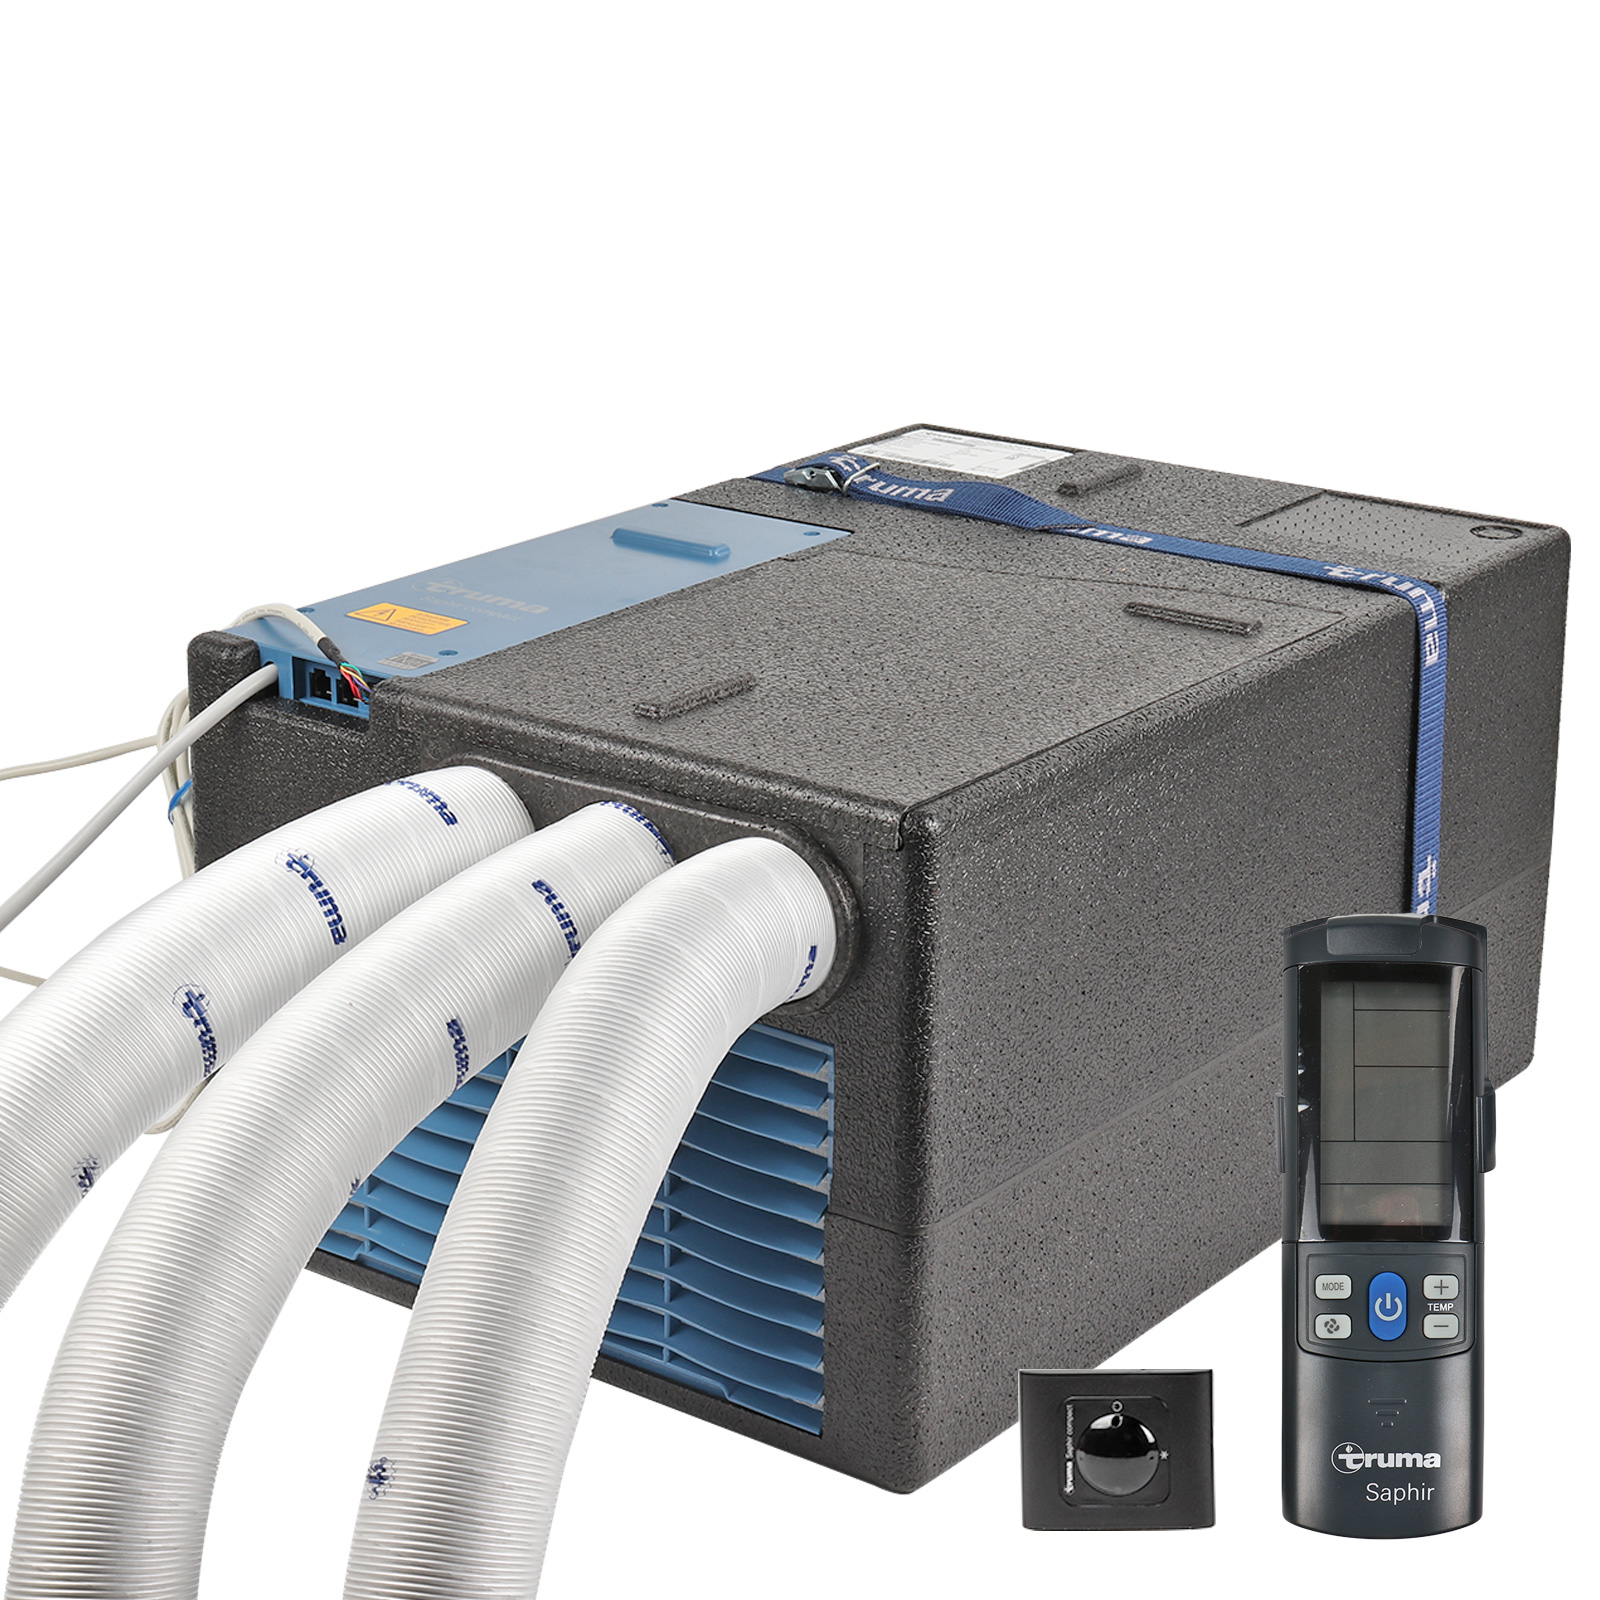 Truma Saphir Compact | Staukasten Klimaanlage | 230V | Ffb | Wartungsfrei 🌬️